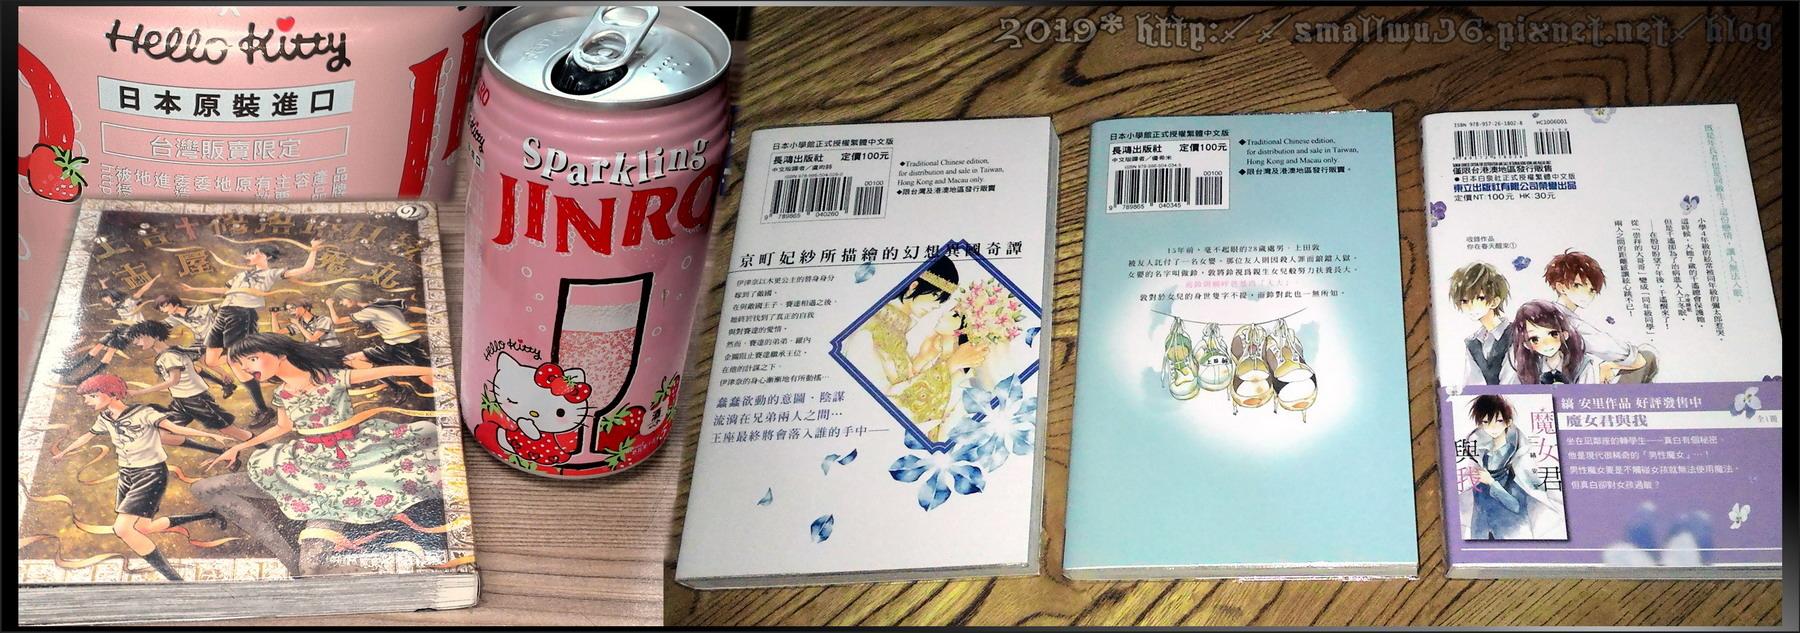 古屋兎丸 (古屋兔丸) - 天音+修洛塔貝茲2.jpg